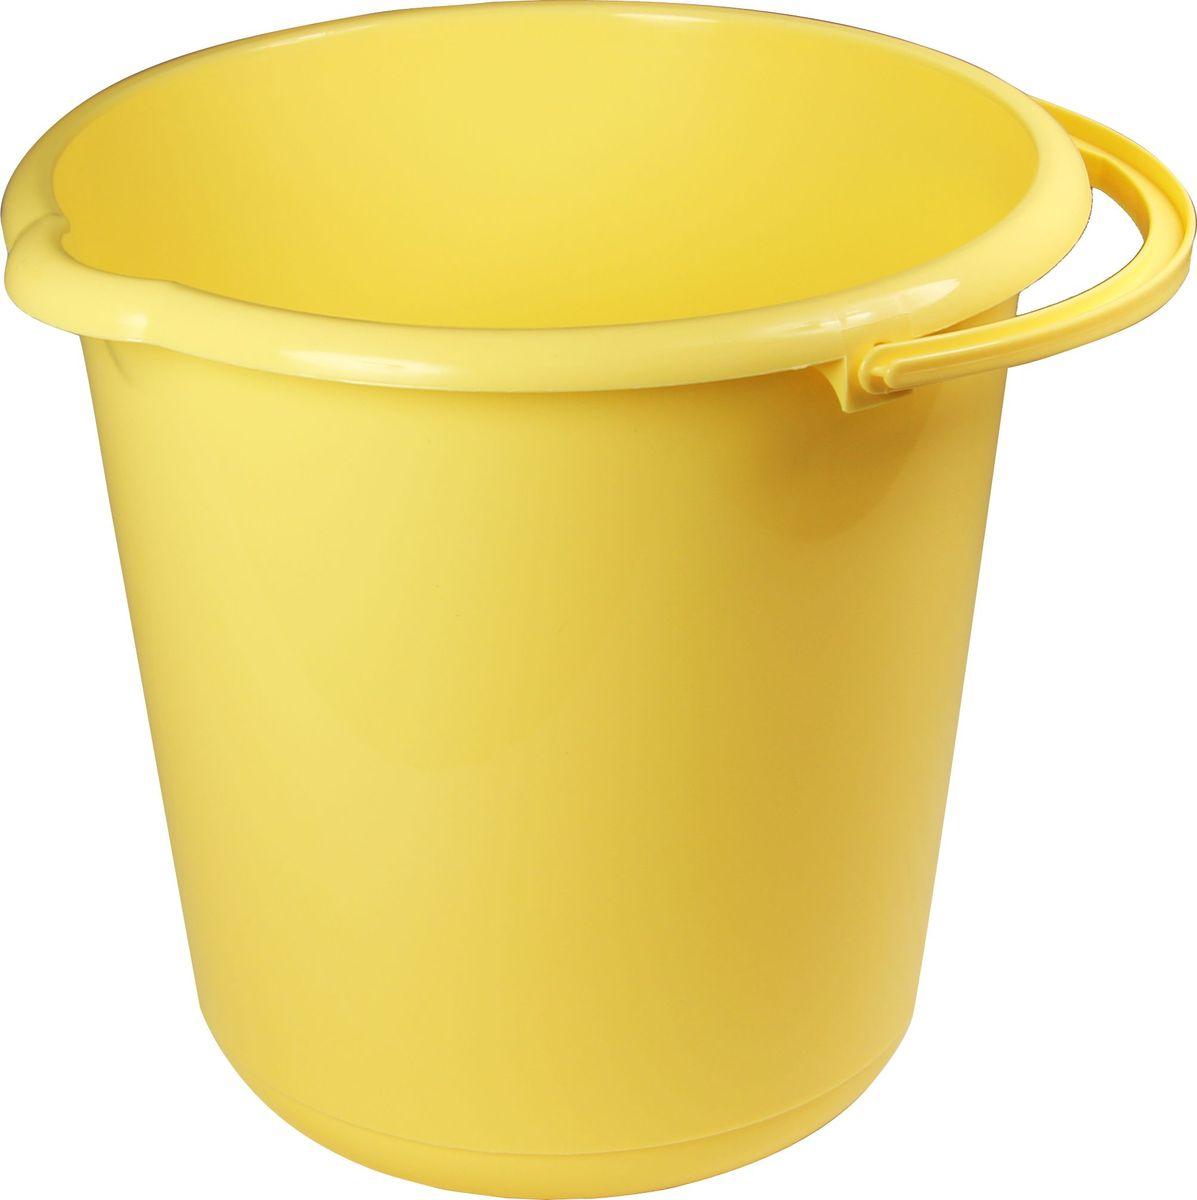 Ведро хозяйственное Idea, цвет: банановый, 3 л787502Ведро Idea изготовлено из высококачественного прочного пластика. Оно легче железного и не подвержено коррозии. Ведро оснащено удобной пластиковой ручкой. Такое ведро станет незаменимымпомощником в хозяйстве.Диаметр (по верхнему краю): 20 см.Высота: 18,5 см.